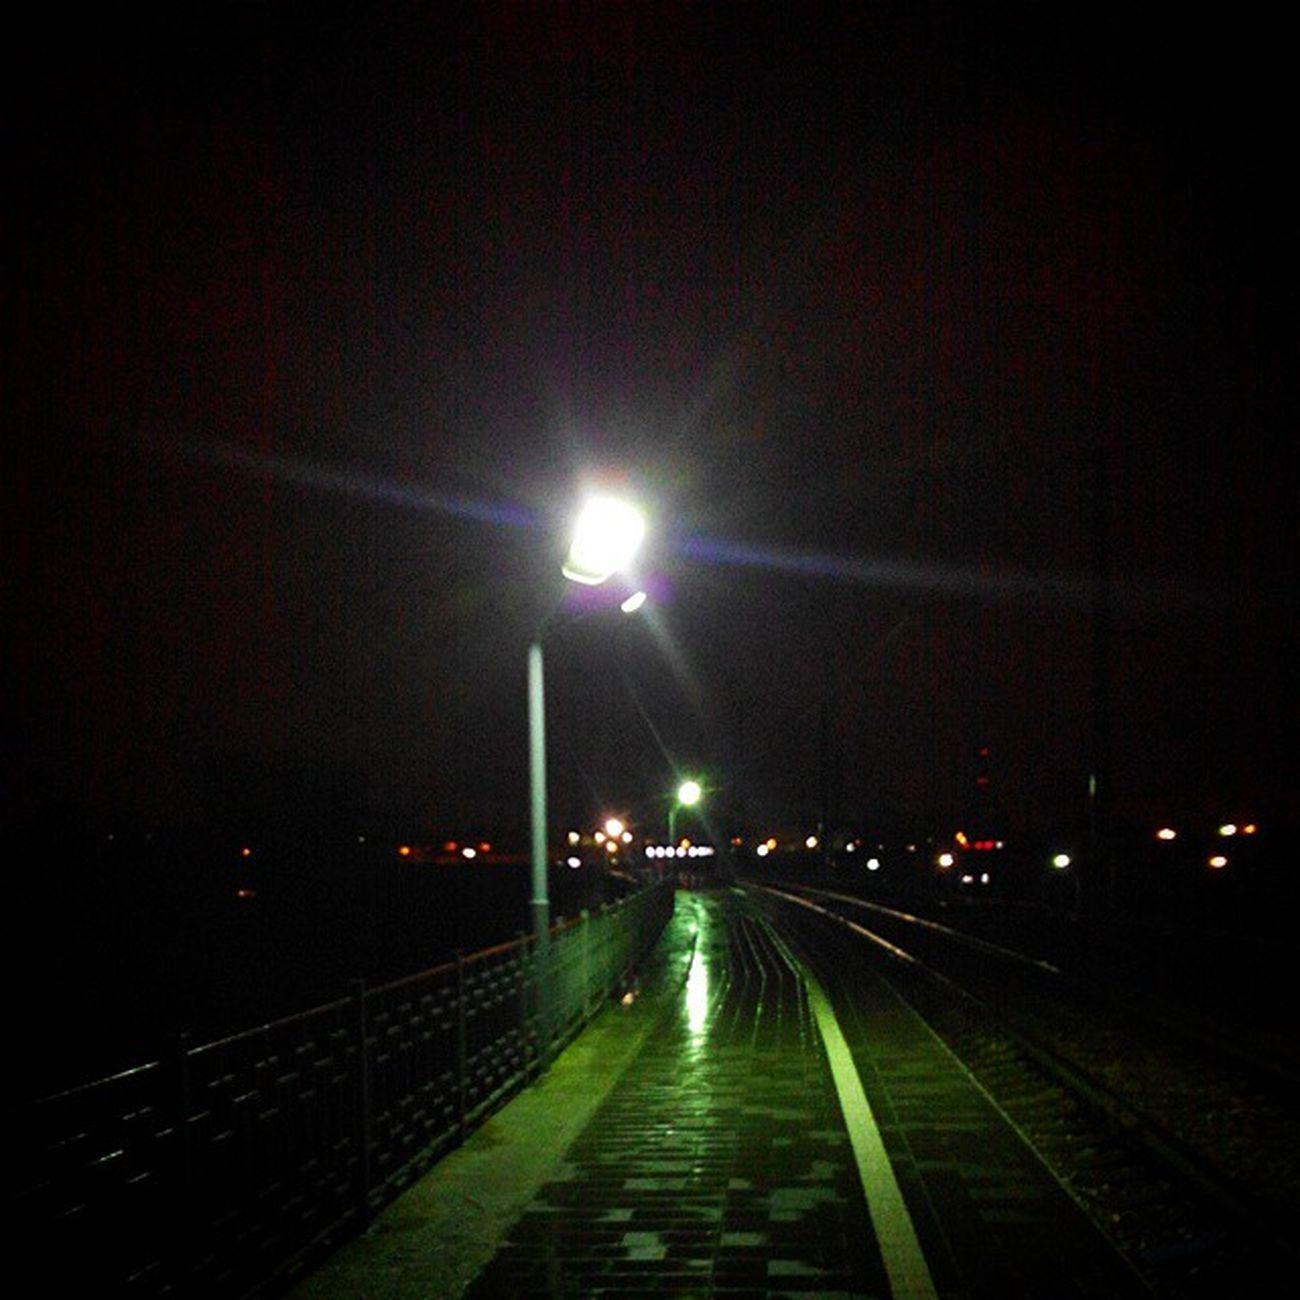 омск Дождь Ночь выставкаомск платформатруд Night Rain